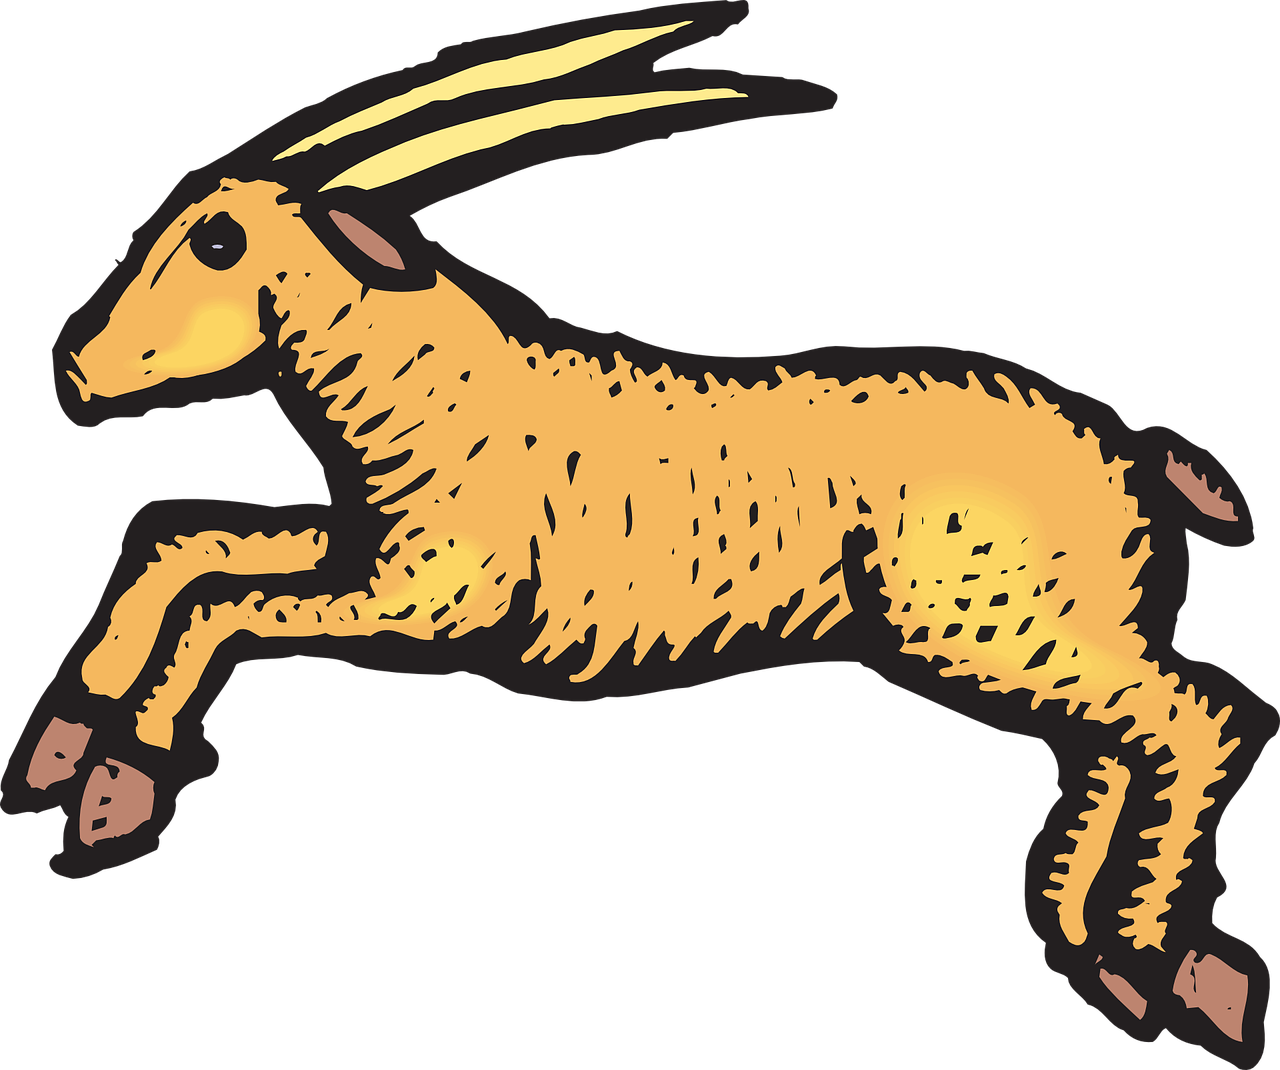 Antelope,jumping,animal,horns,hooves.